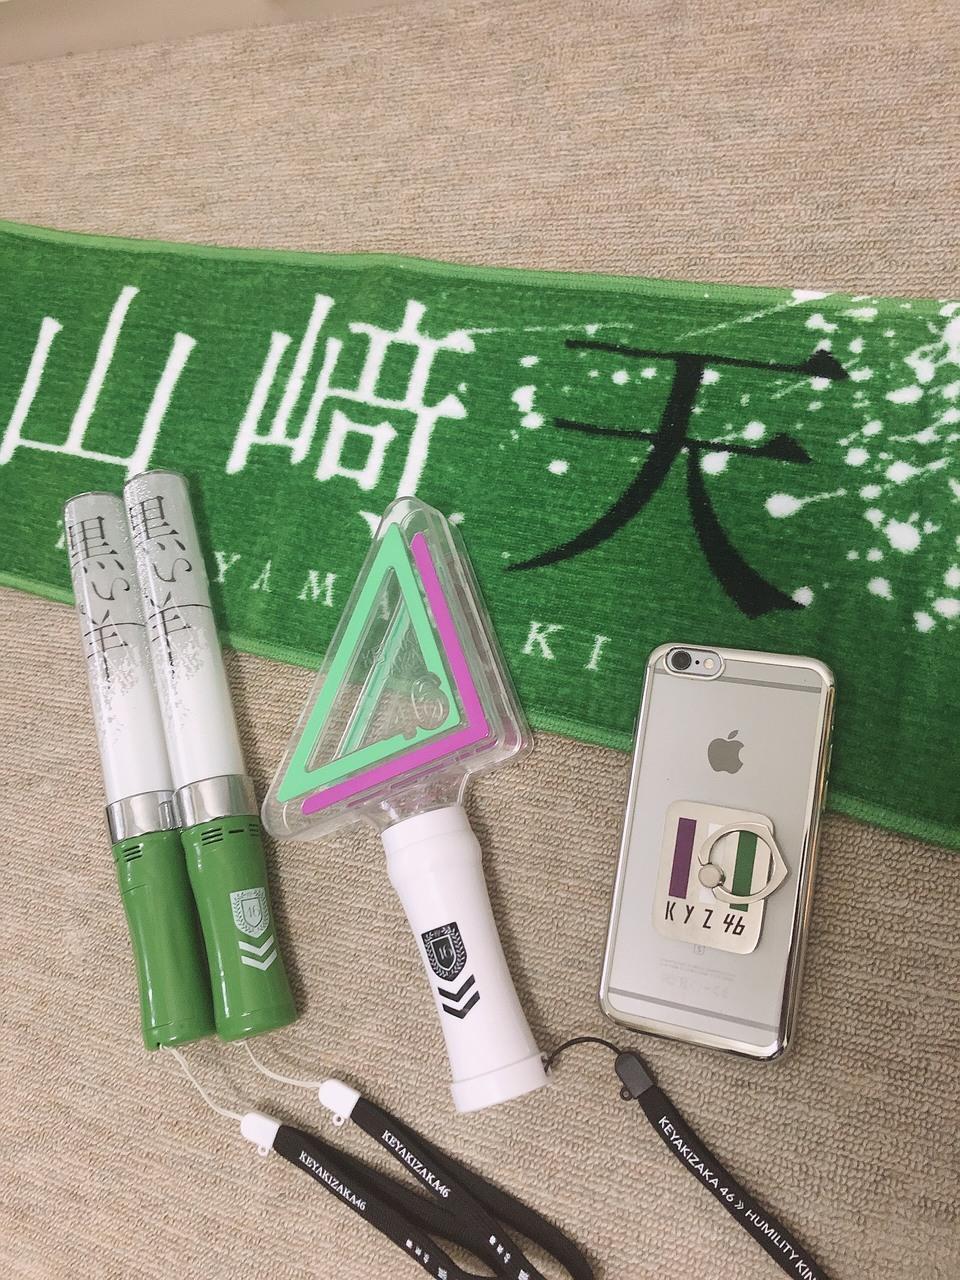 山﨑 天 公式ブログ   欅坂46公式サイト 2019-11-12 14:34:44